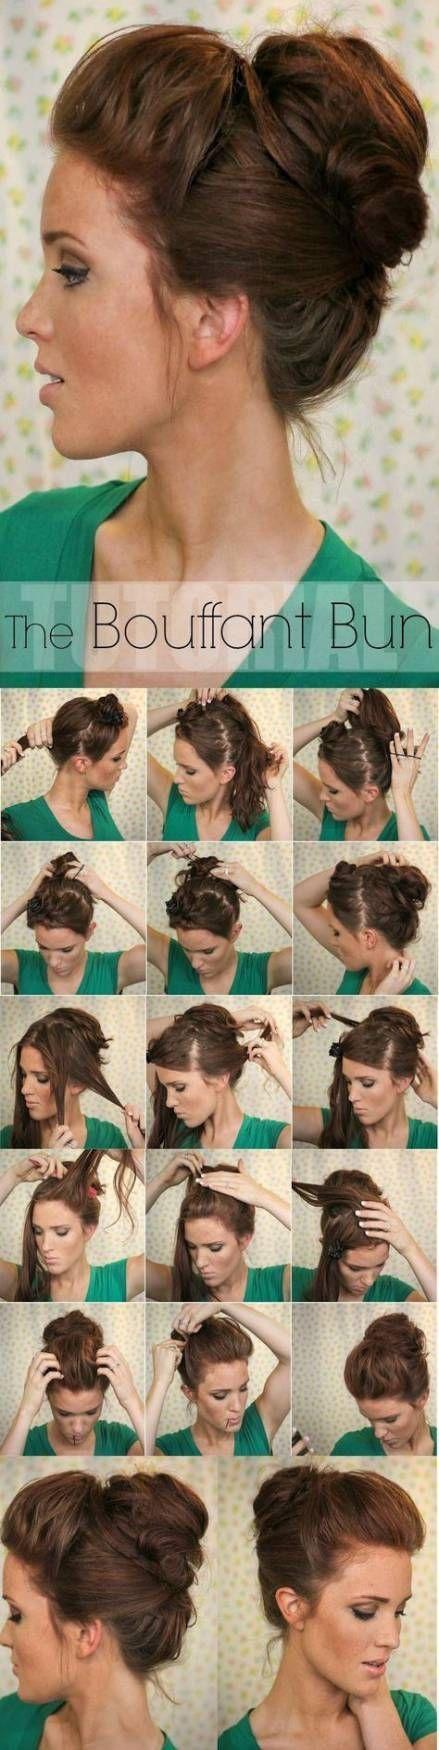 15 Ideen Frisuren Hochzeitsgast Hochsteckfrisuren Bräute #Brot #Stile #Updash #Hochzeitsspiel #Idee